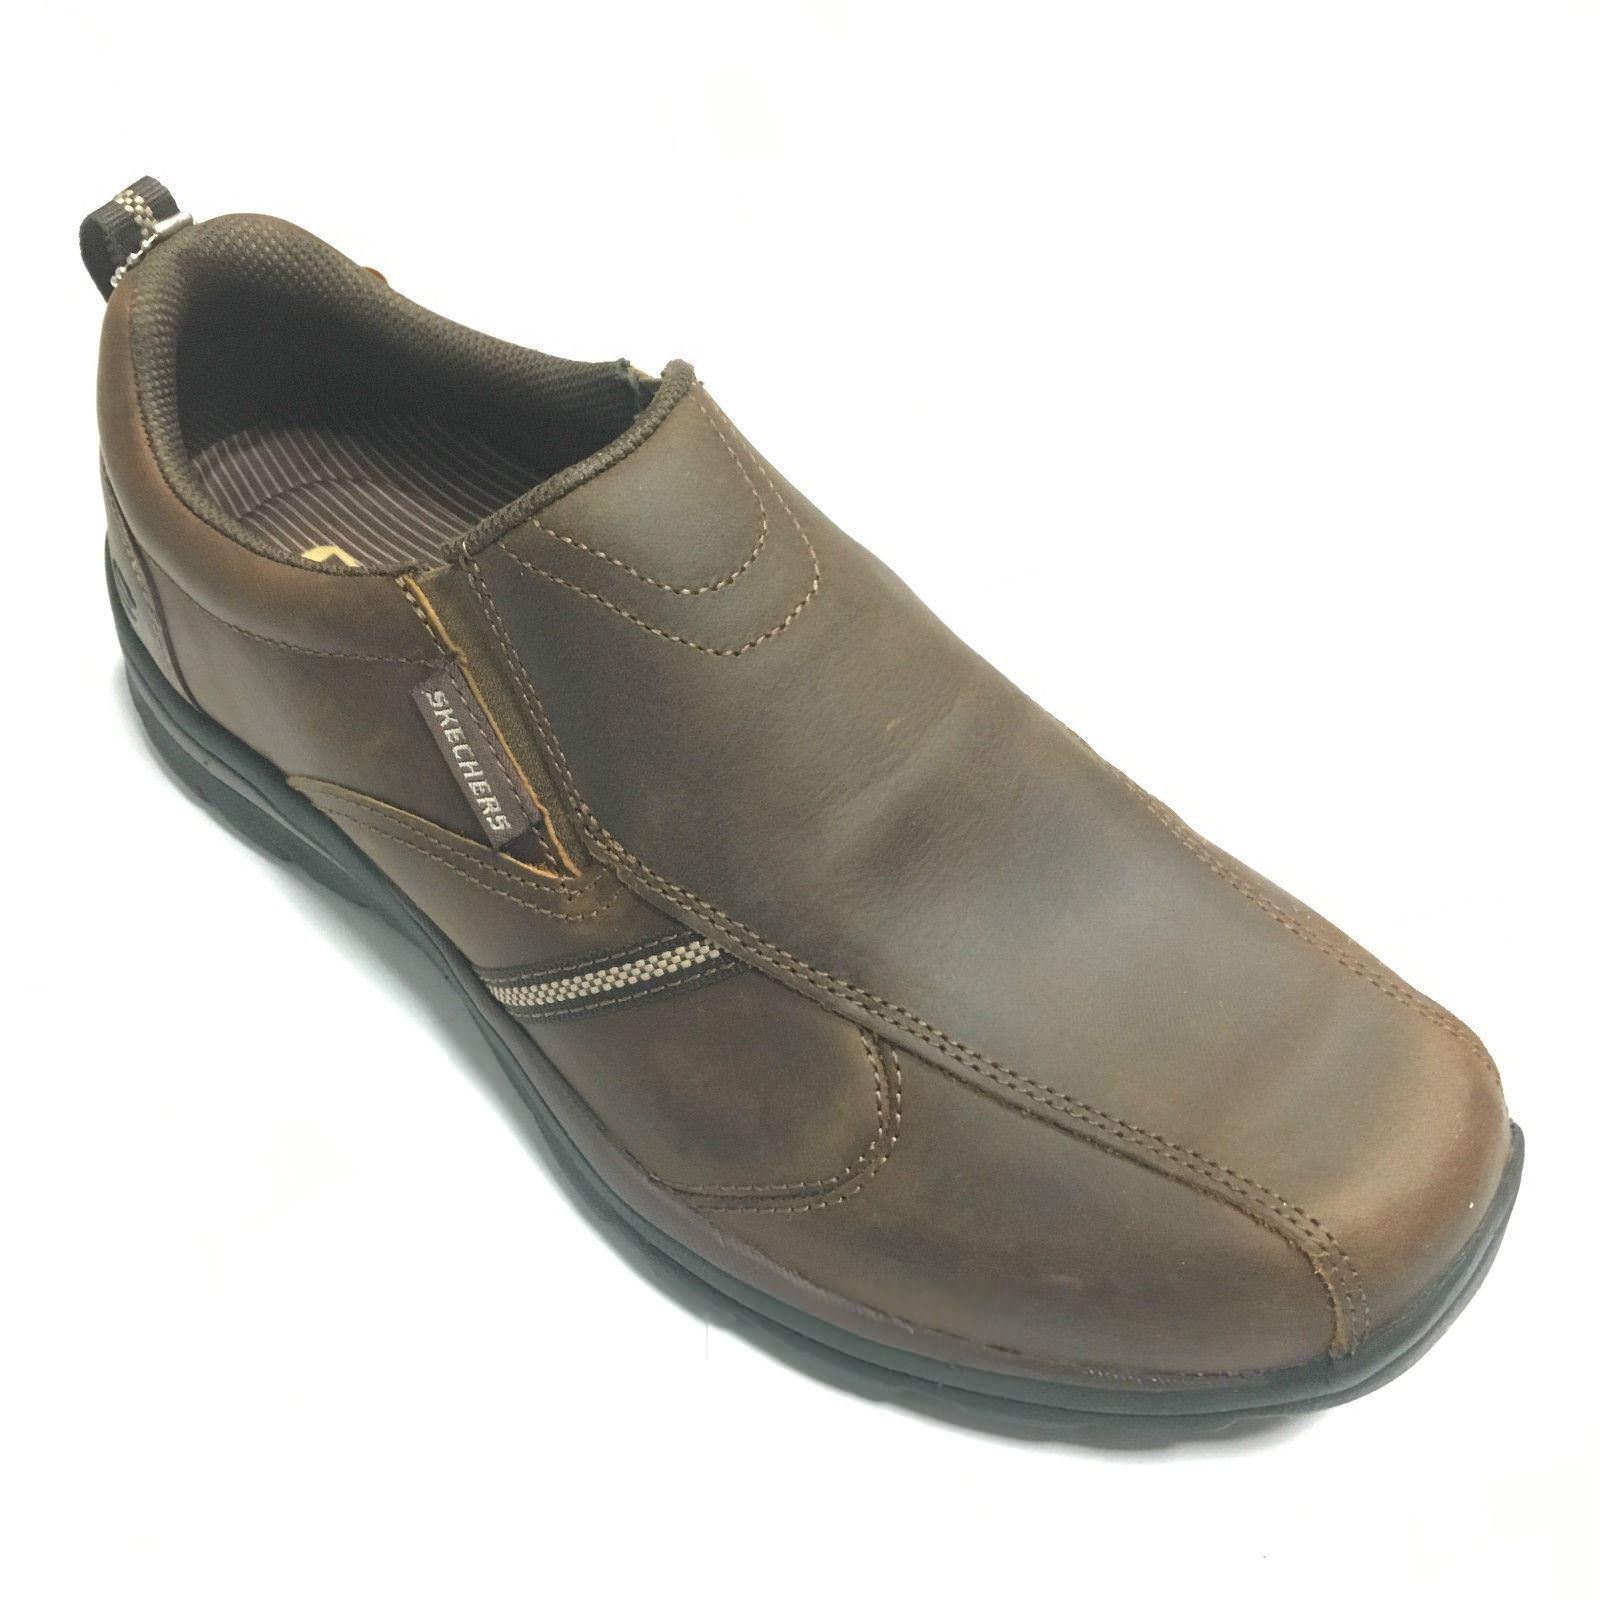 Scarpe casual da uomo  Da Uomo Skechers 64590 CDB Superiore Marrone Scuro Tg 6-11